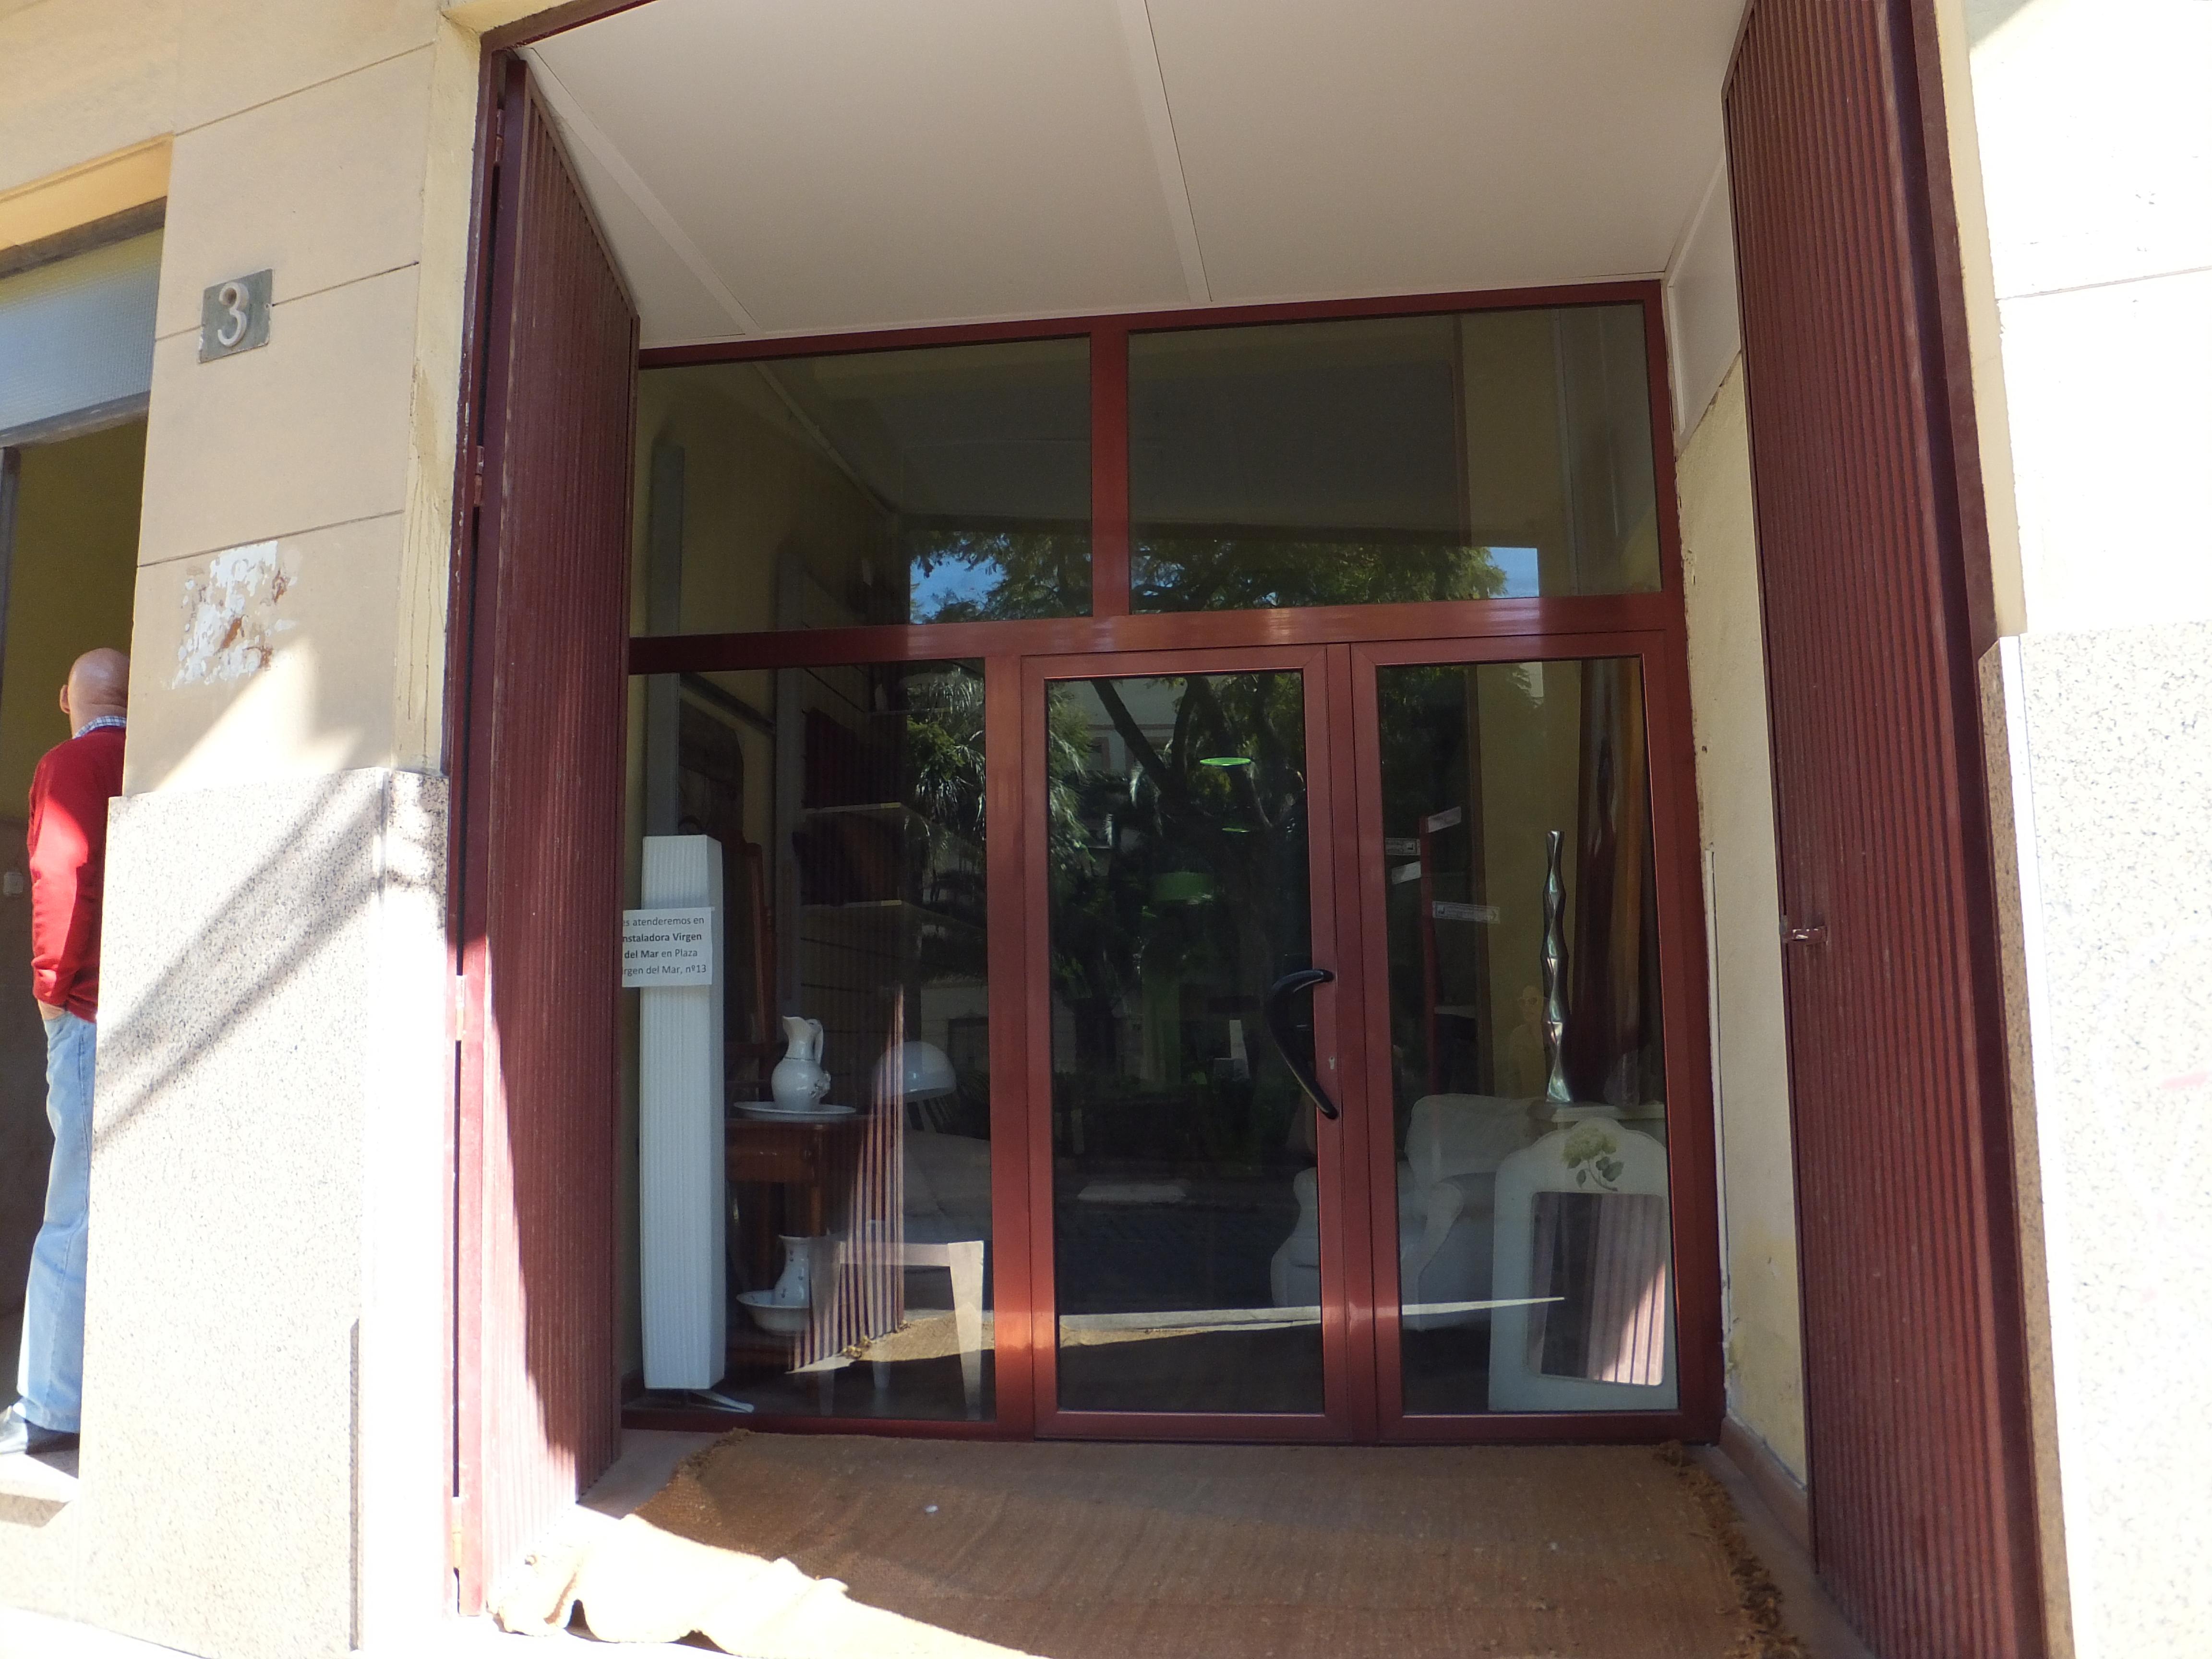 Dscf4336 inmobiliaria piquer for Oficina catastro almeria